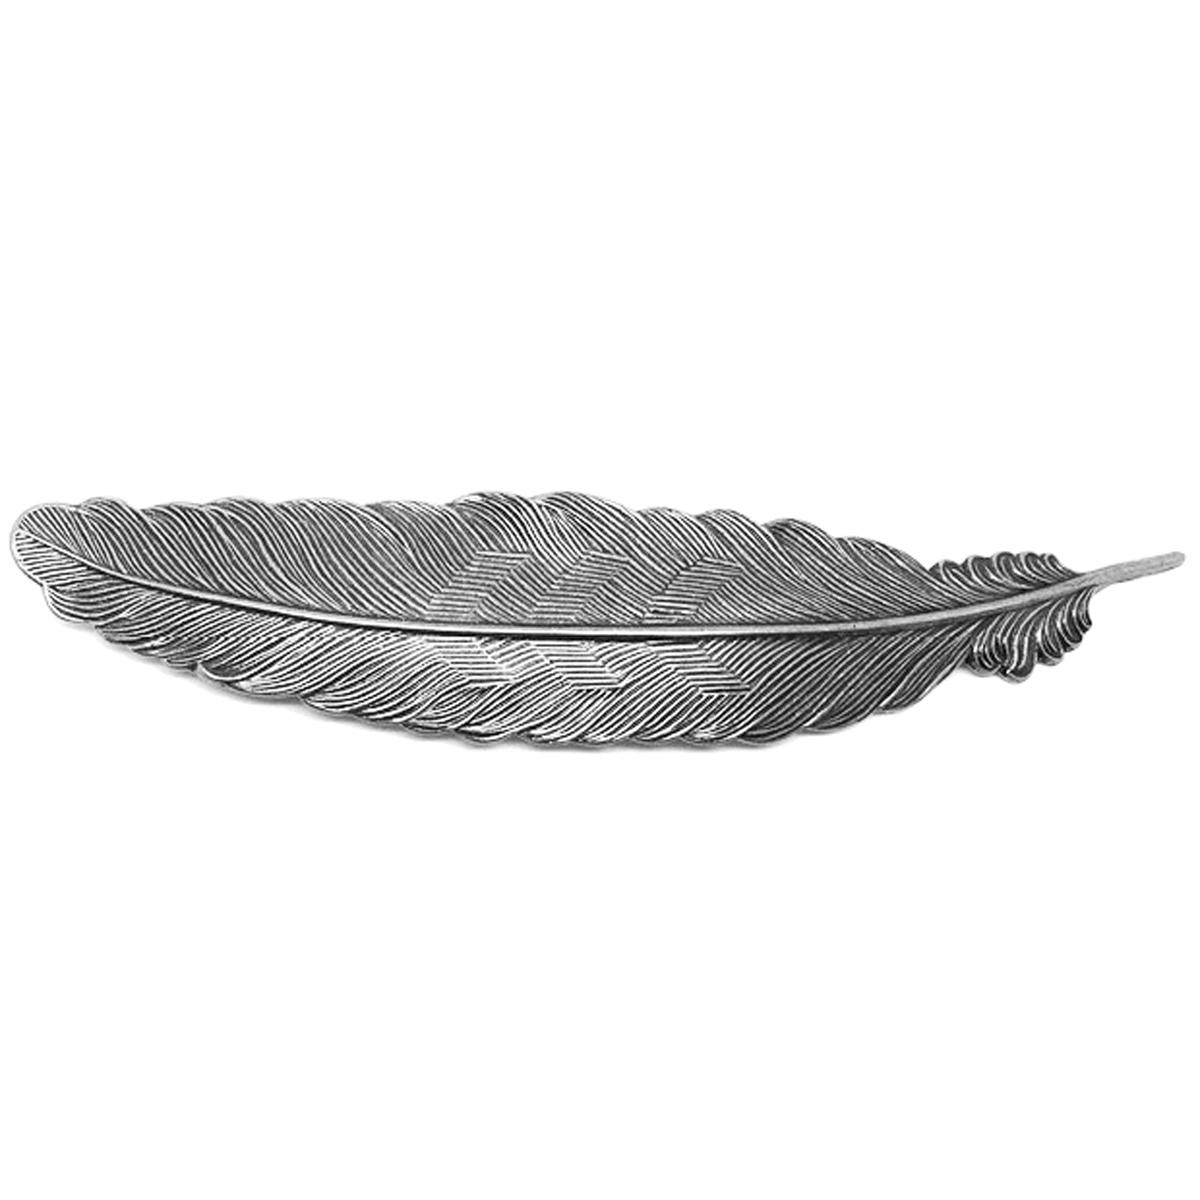 Barrette artisanale \'Médicis\' argenté (plume) - 11x22 cm - [R0721]